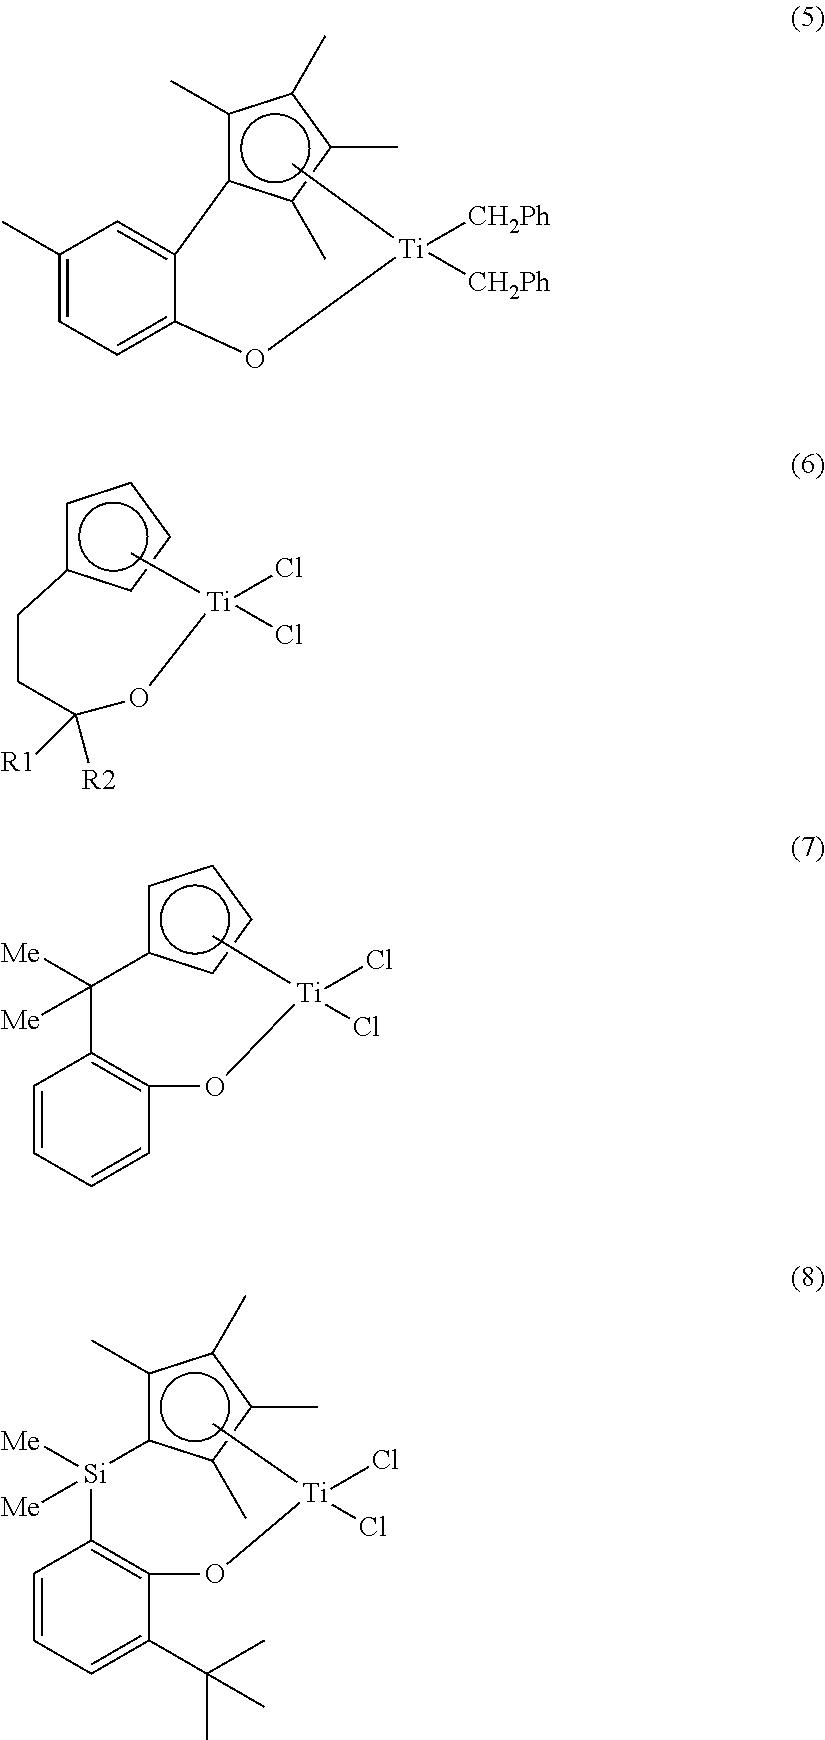 Figure US20110177935A1-20110721-C00002